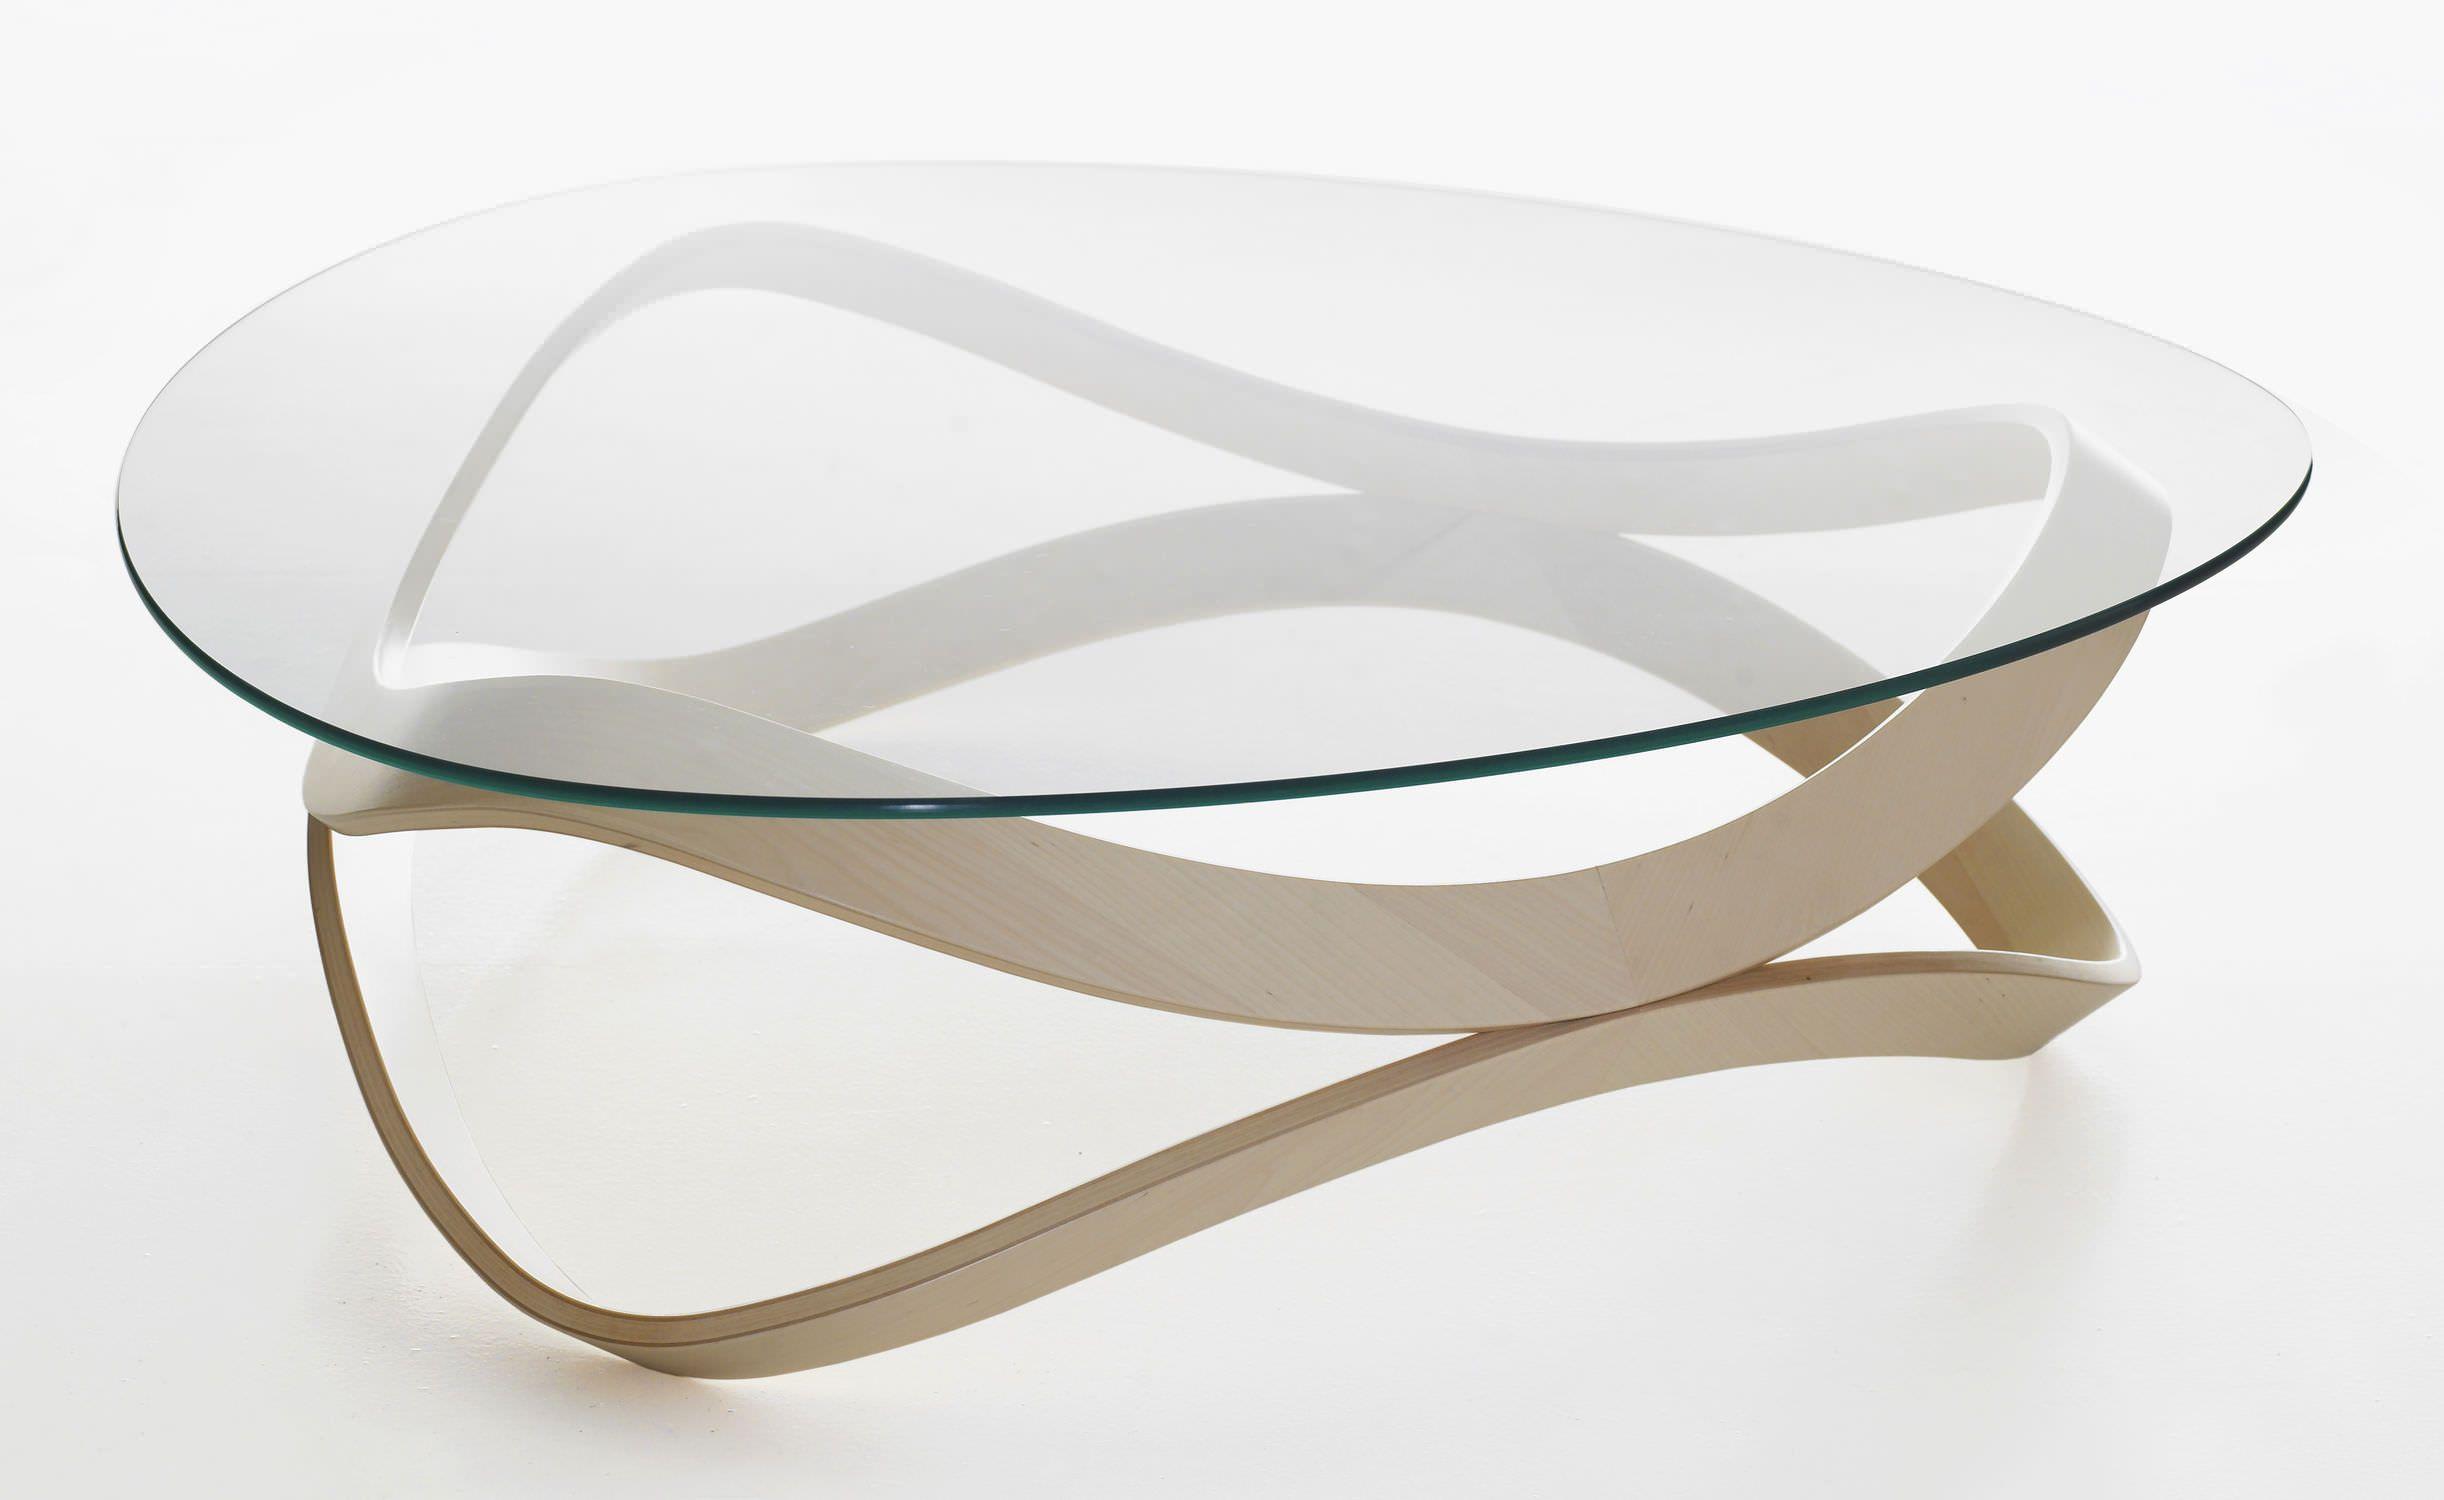 Genial Couchtisch Aus Glas Glas Couchtisch Couchtisch Holz